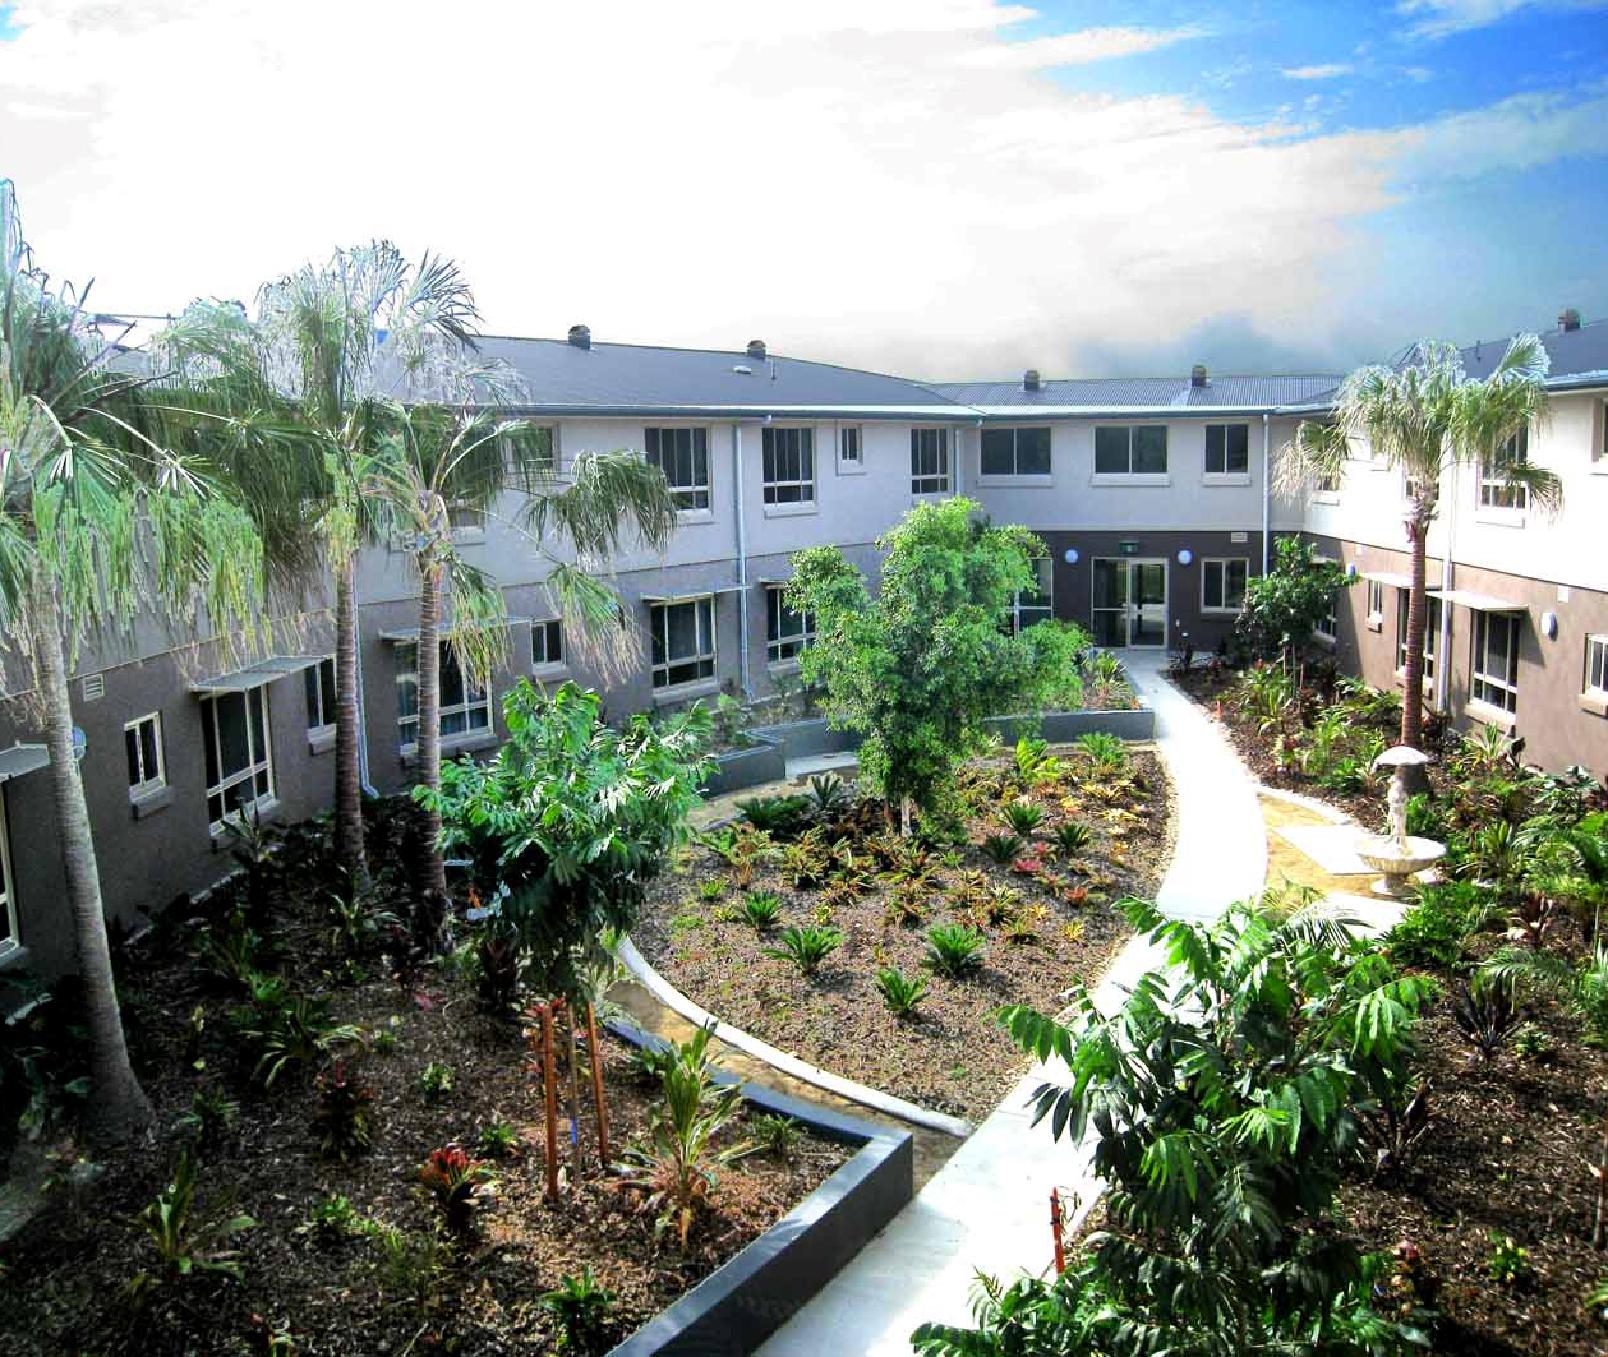 RSL Emu Pk Courtyard.jpg